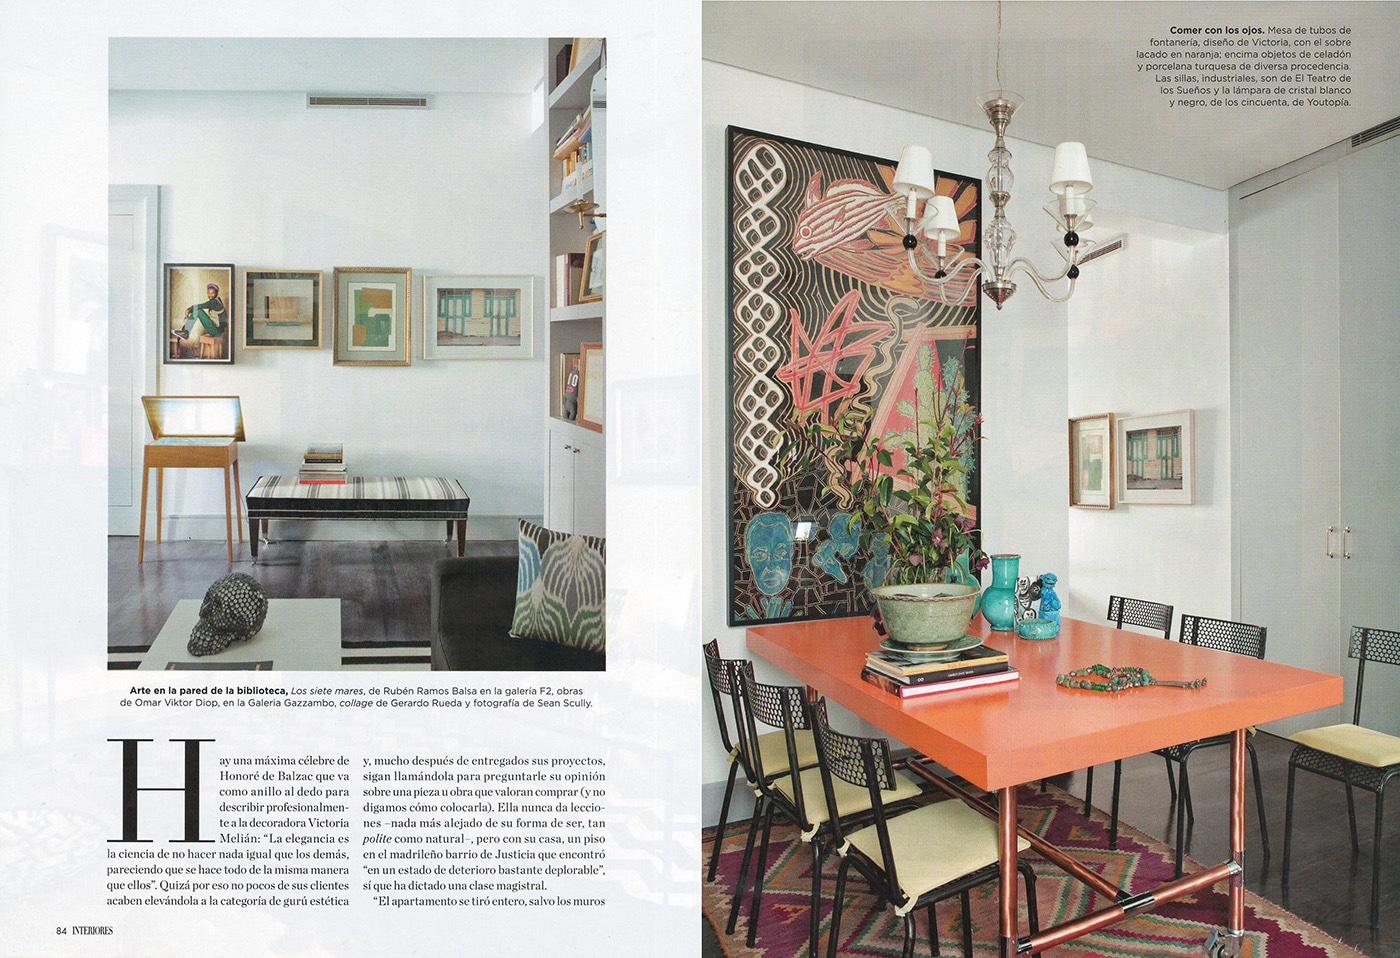 revista-interiores-mayo 2016-melian-randolph-6-casa-e